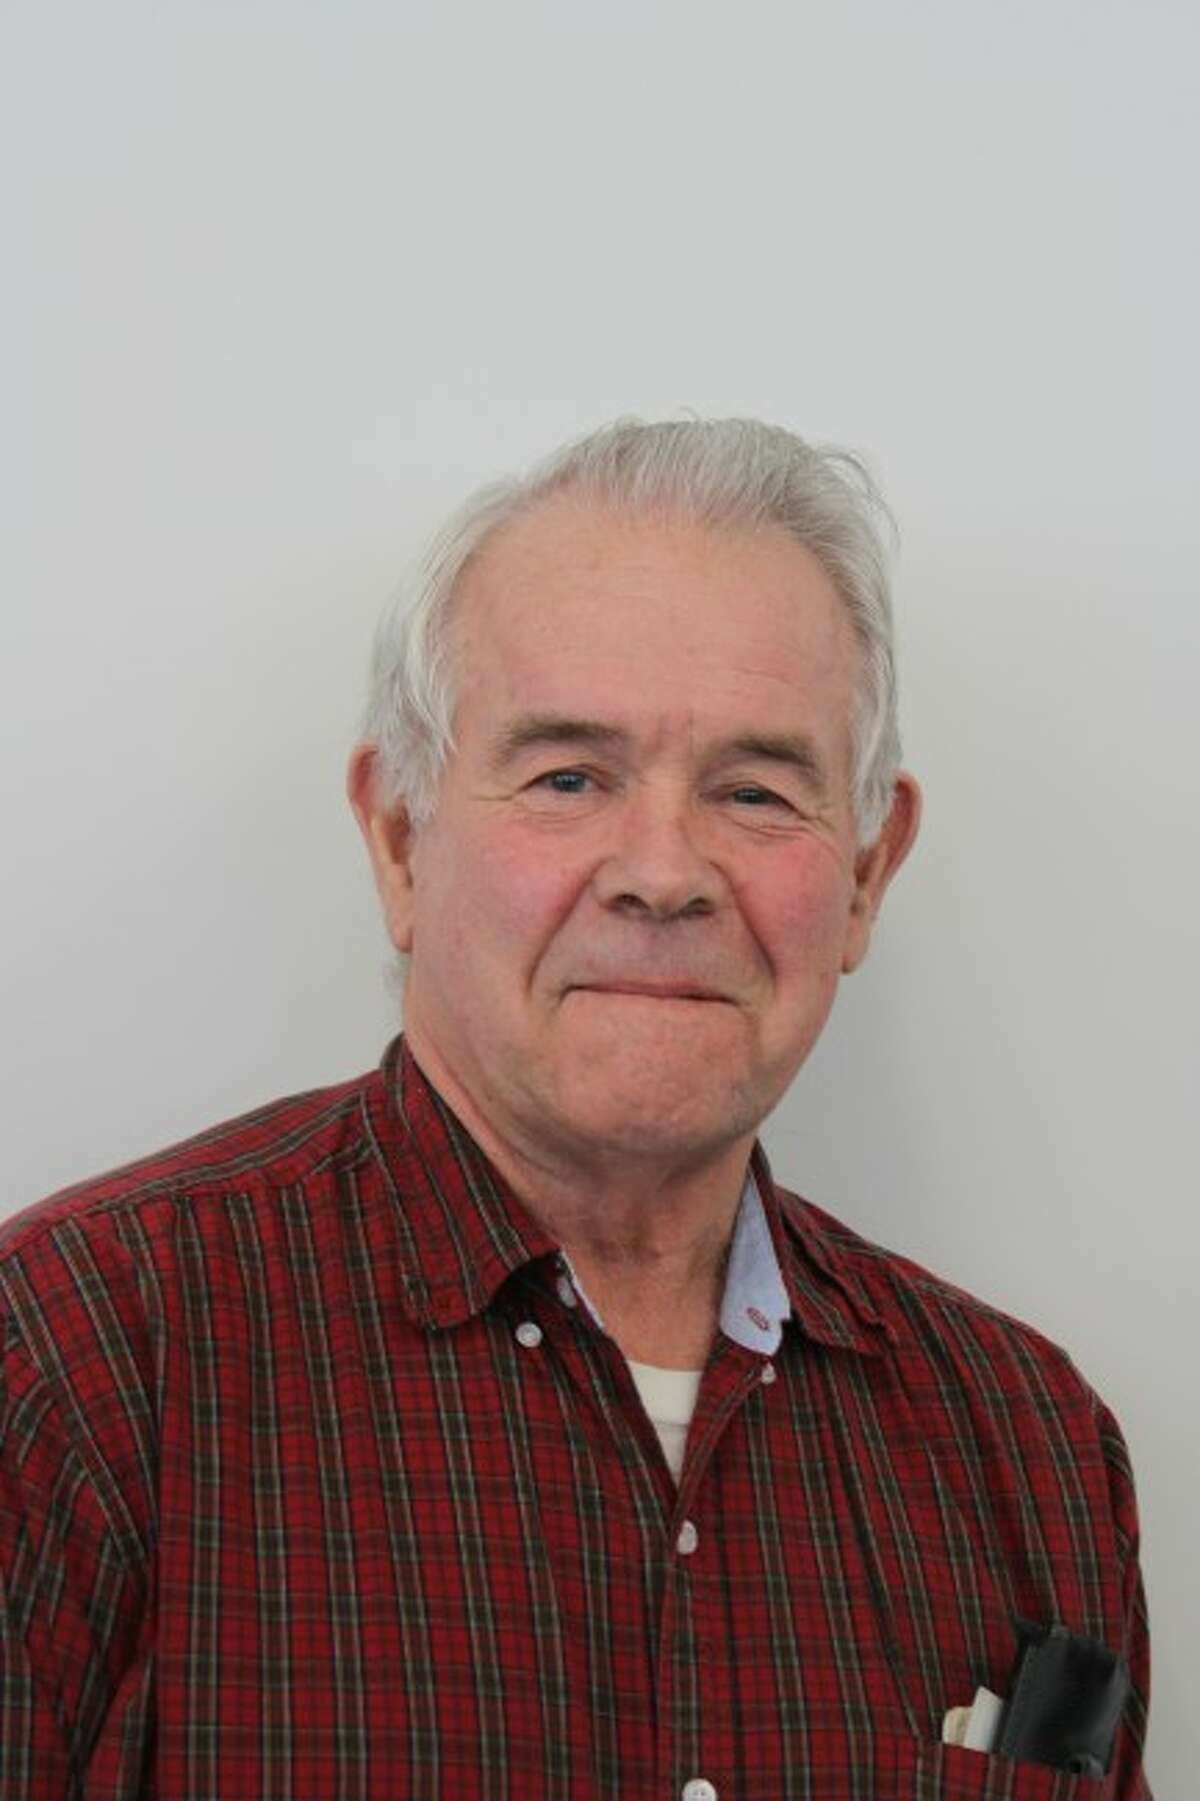 Roger Griner